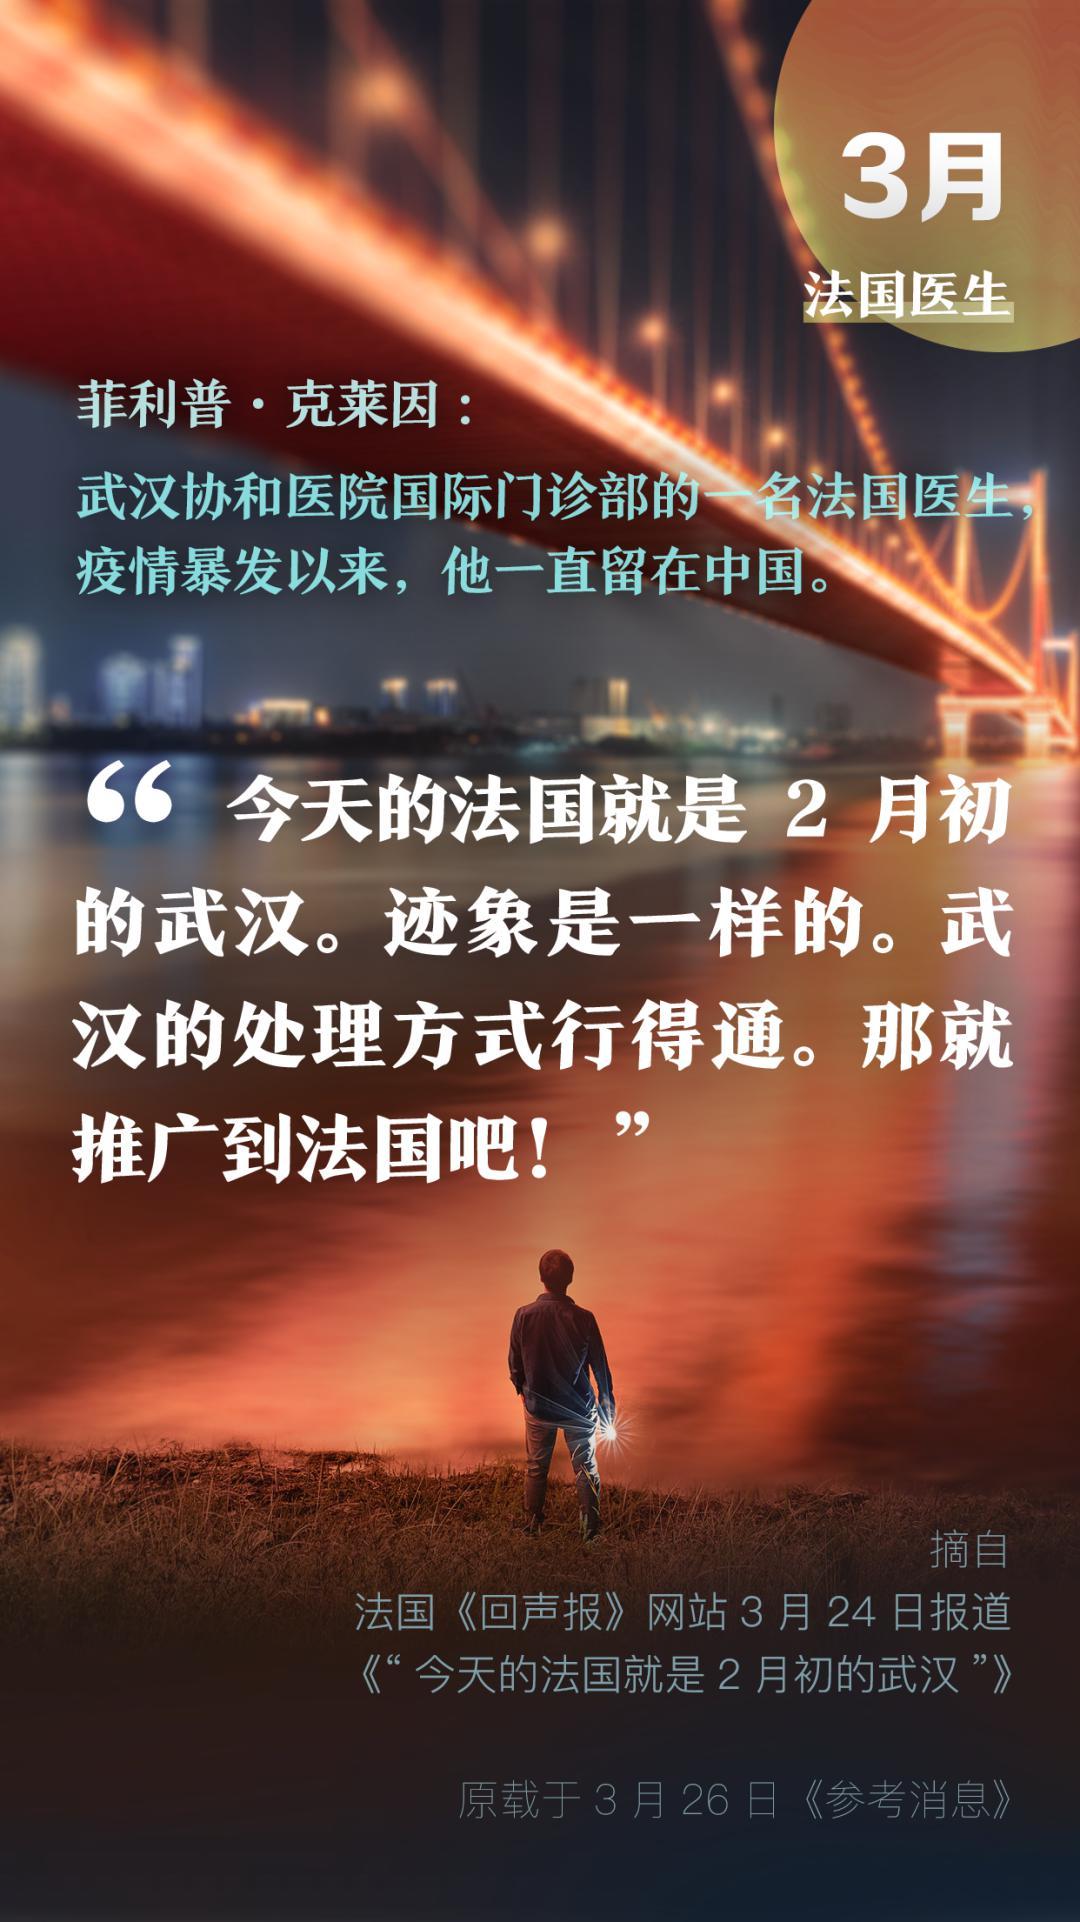 武汉保卫战,他们见证——2382 作者:留俄学生总会 帖子ID:22155